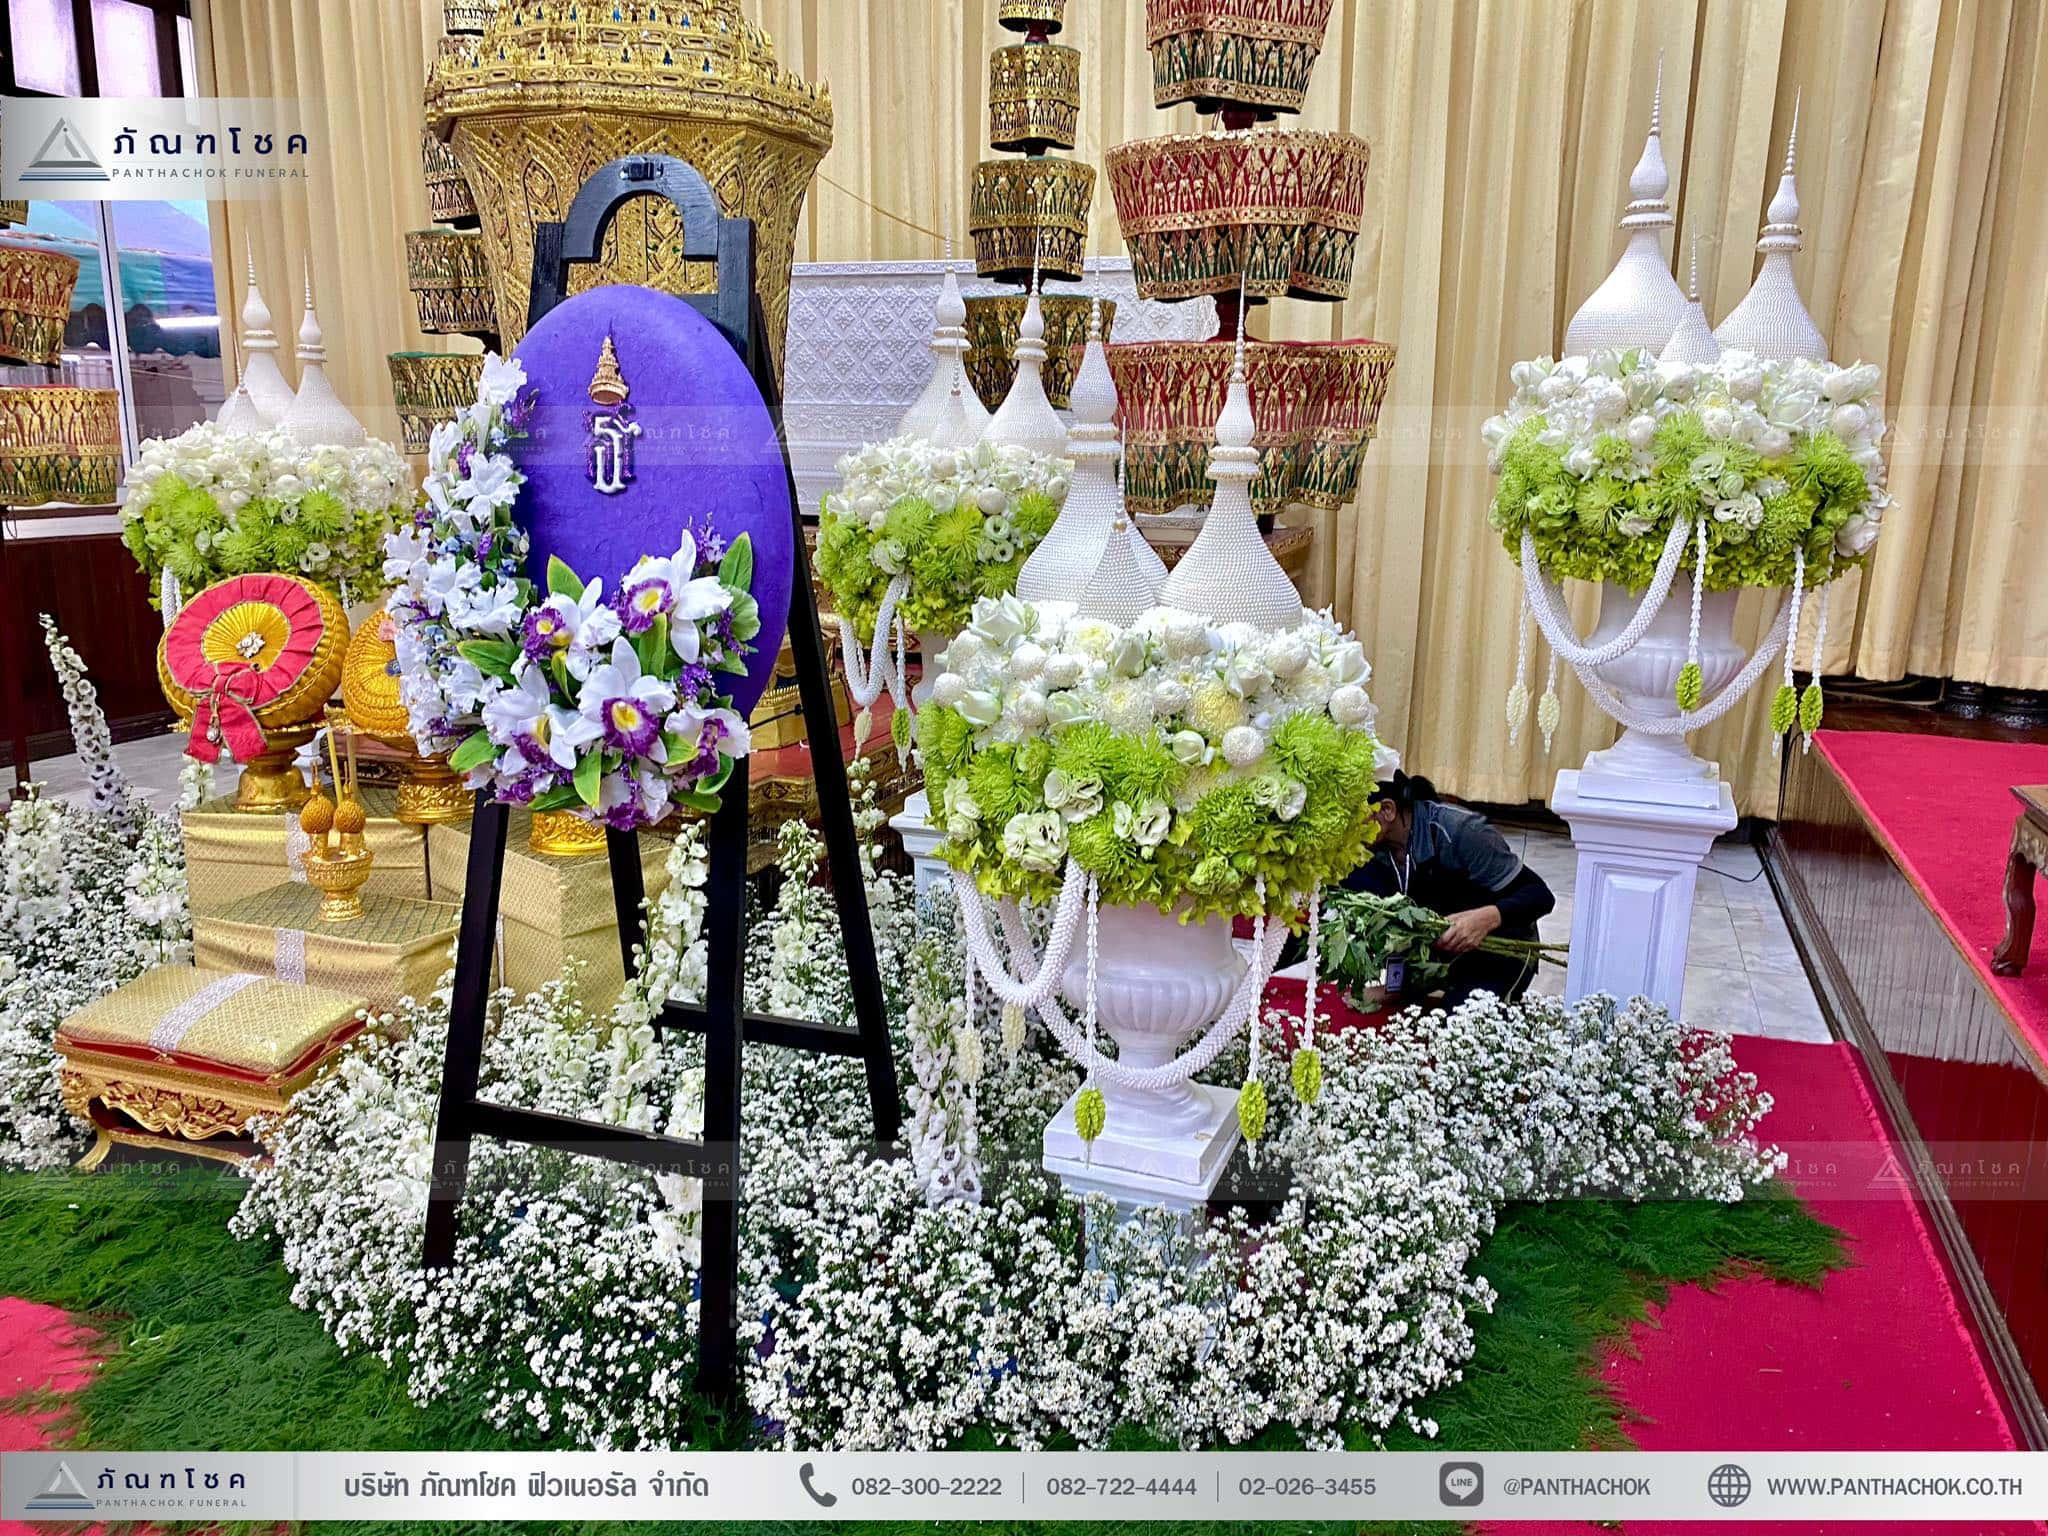 ดอกไม้ประดับหน้าโกศพระราชทาน ณ วัดมกุฏกษัตริยารามราชวรวิหาร 8